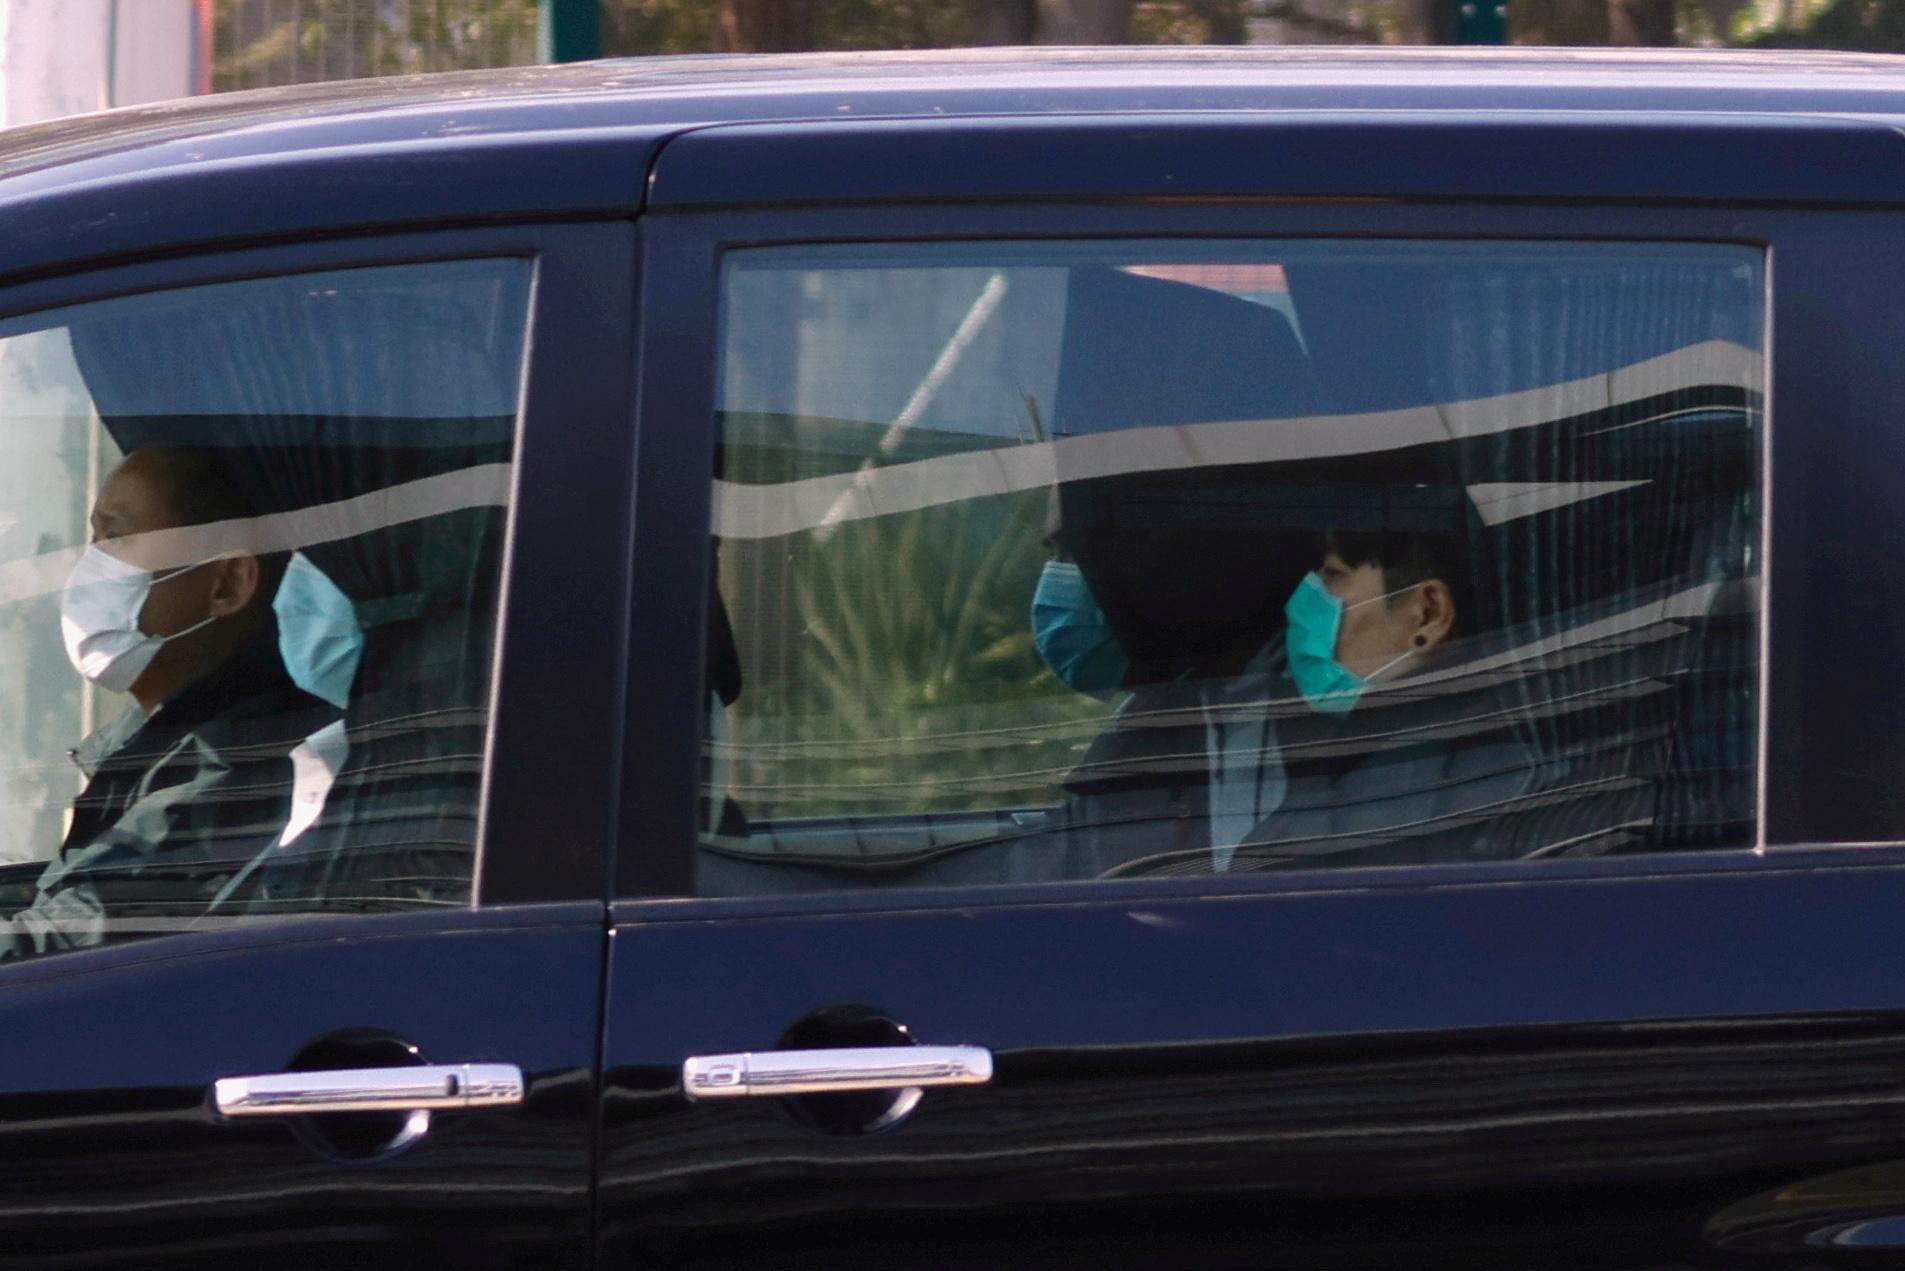 廖子文及黃臨福周三早上戴著頭套,全身白色制服,由交通警員以七人車和一輛私家車,押解至天水圍警署。(鄧穎韜攝)